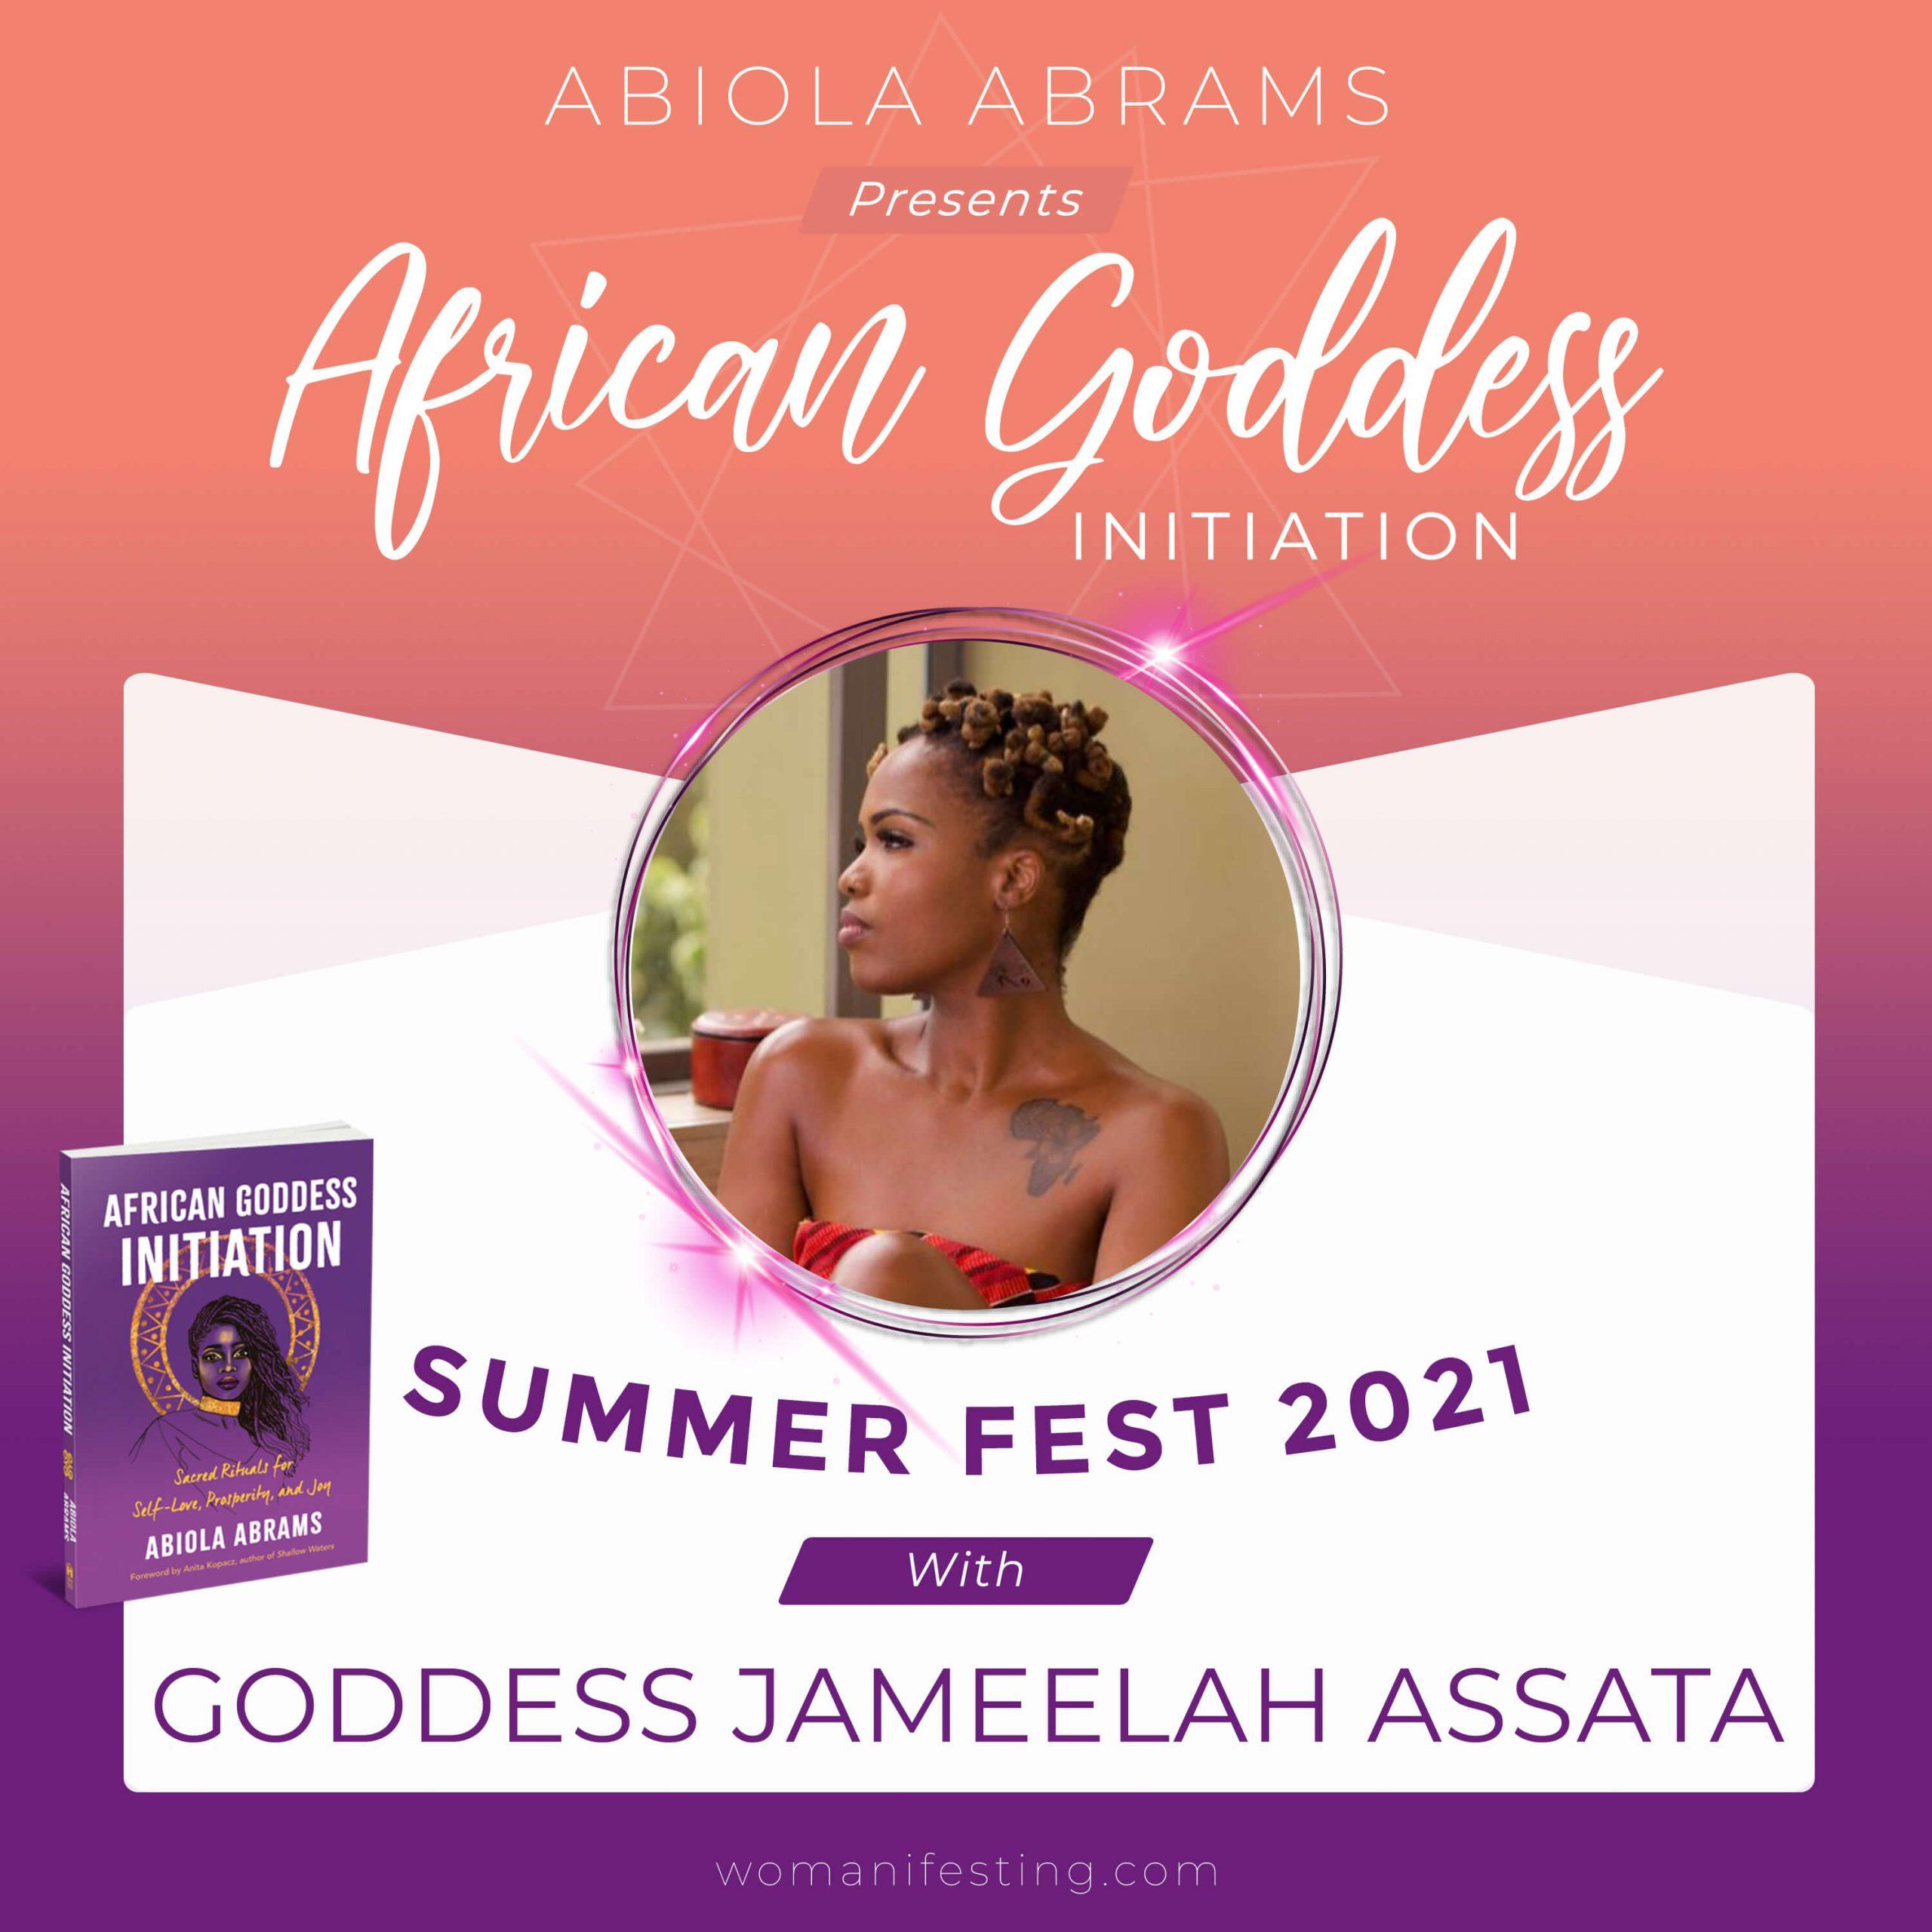 Goddess Jameelah Assata: African Goddess Initiation Fest Guru